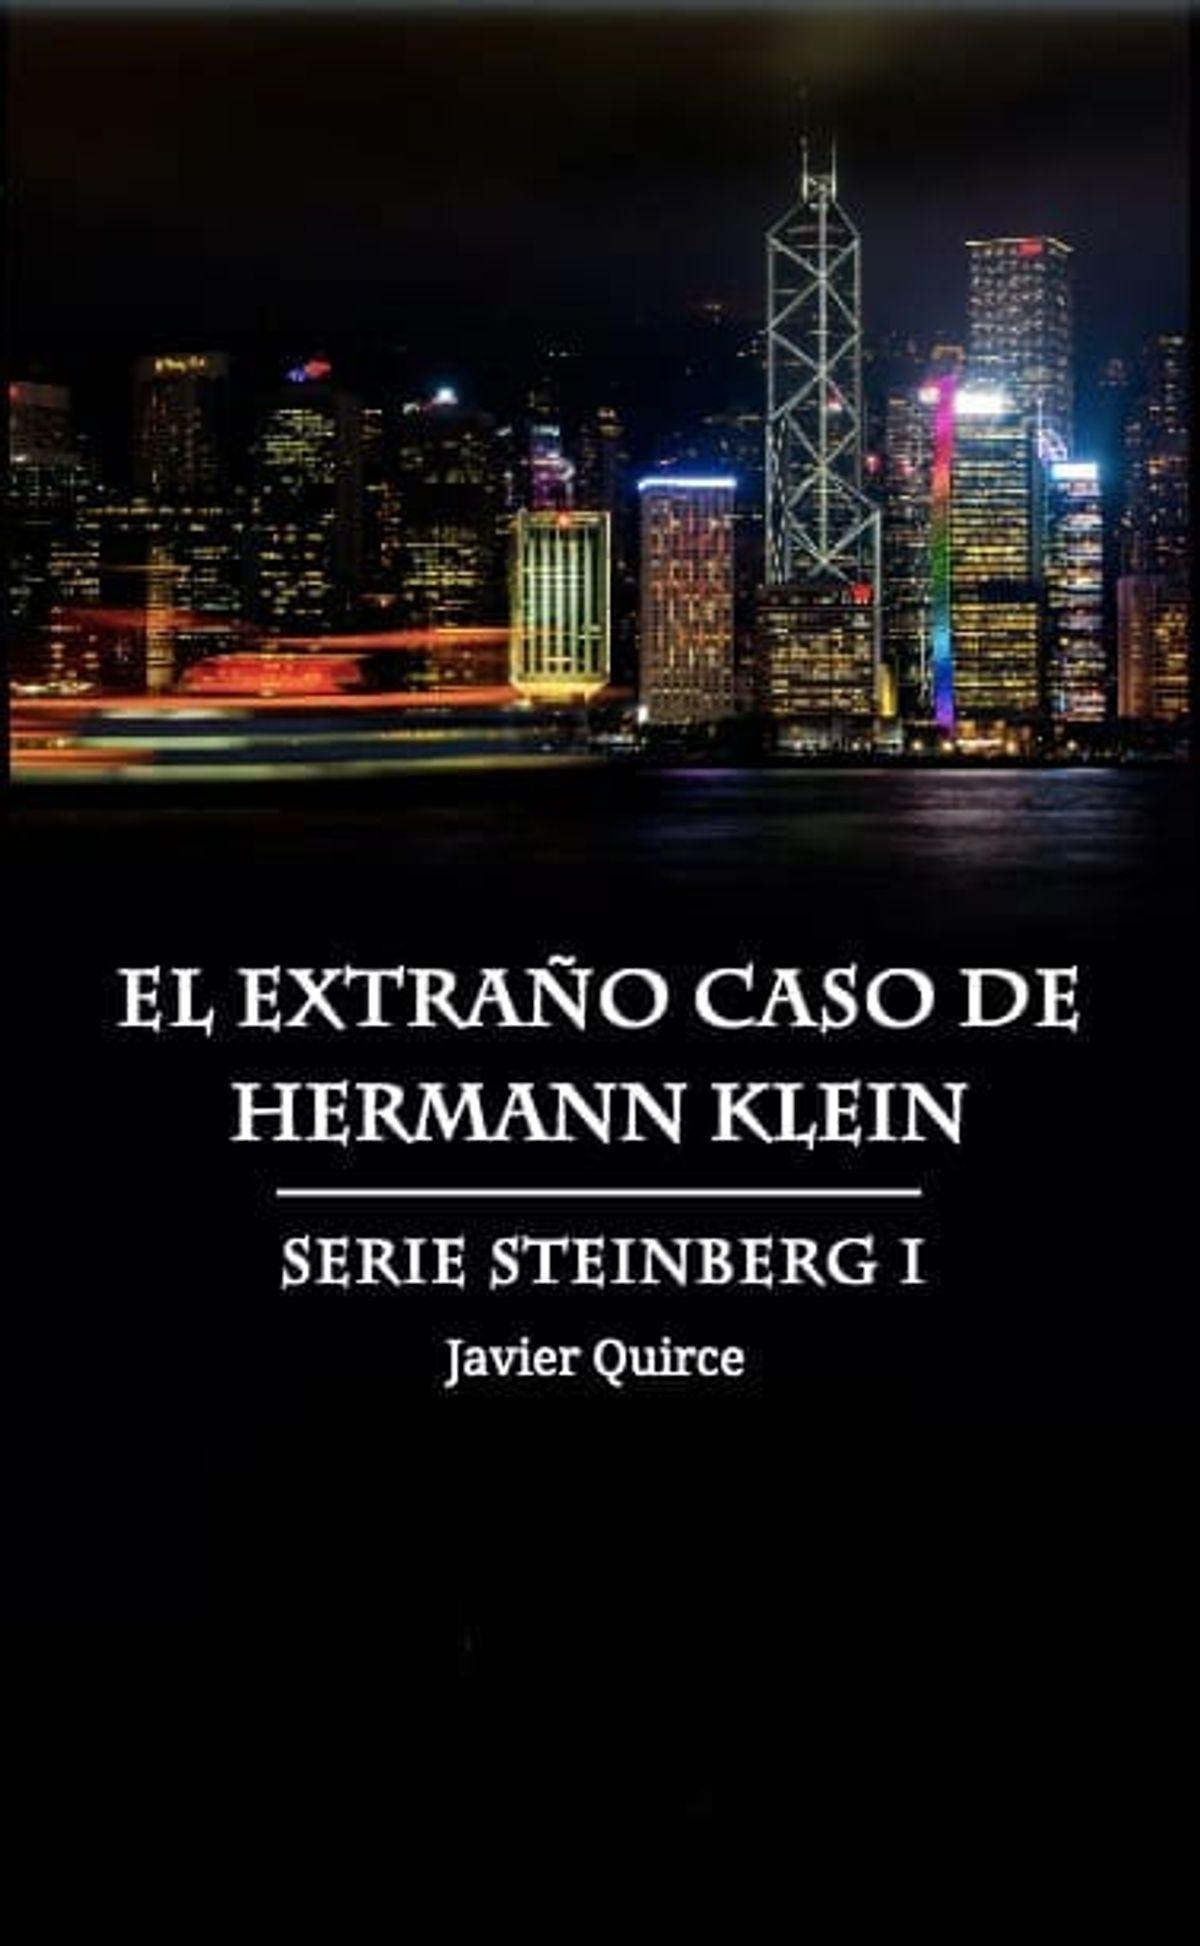 El extraño caso de Hermann Klein